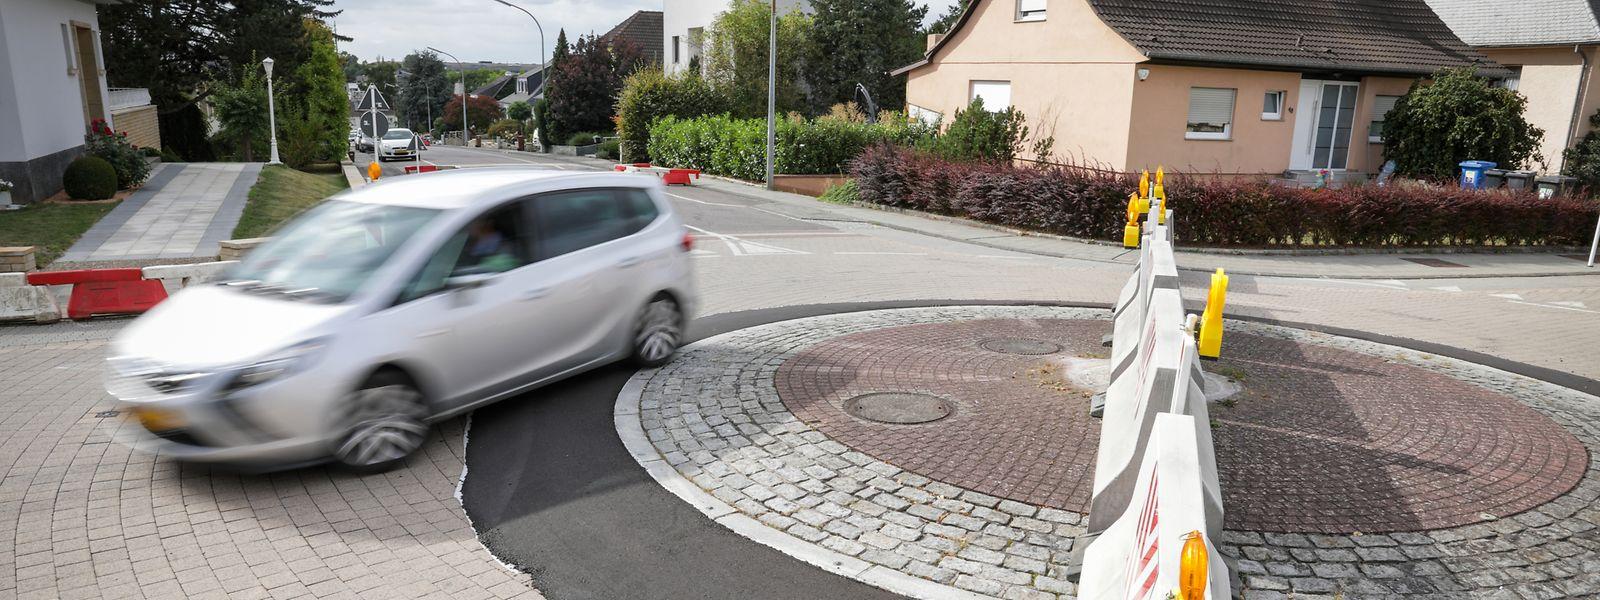 Der gesperrte Kreisverkehr in der Rue Fernand Mertens ist eine der Änderungen die eine Durchfahrt dieses Bettemburger Wohnviertels unattraktiv machen sollen. Sollte die Maßnahme sich bewähren, werde man eine ästhetisch anspruchsvollere Sperrung anbringen lassen.